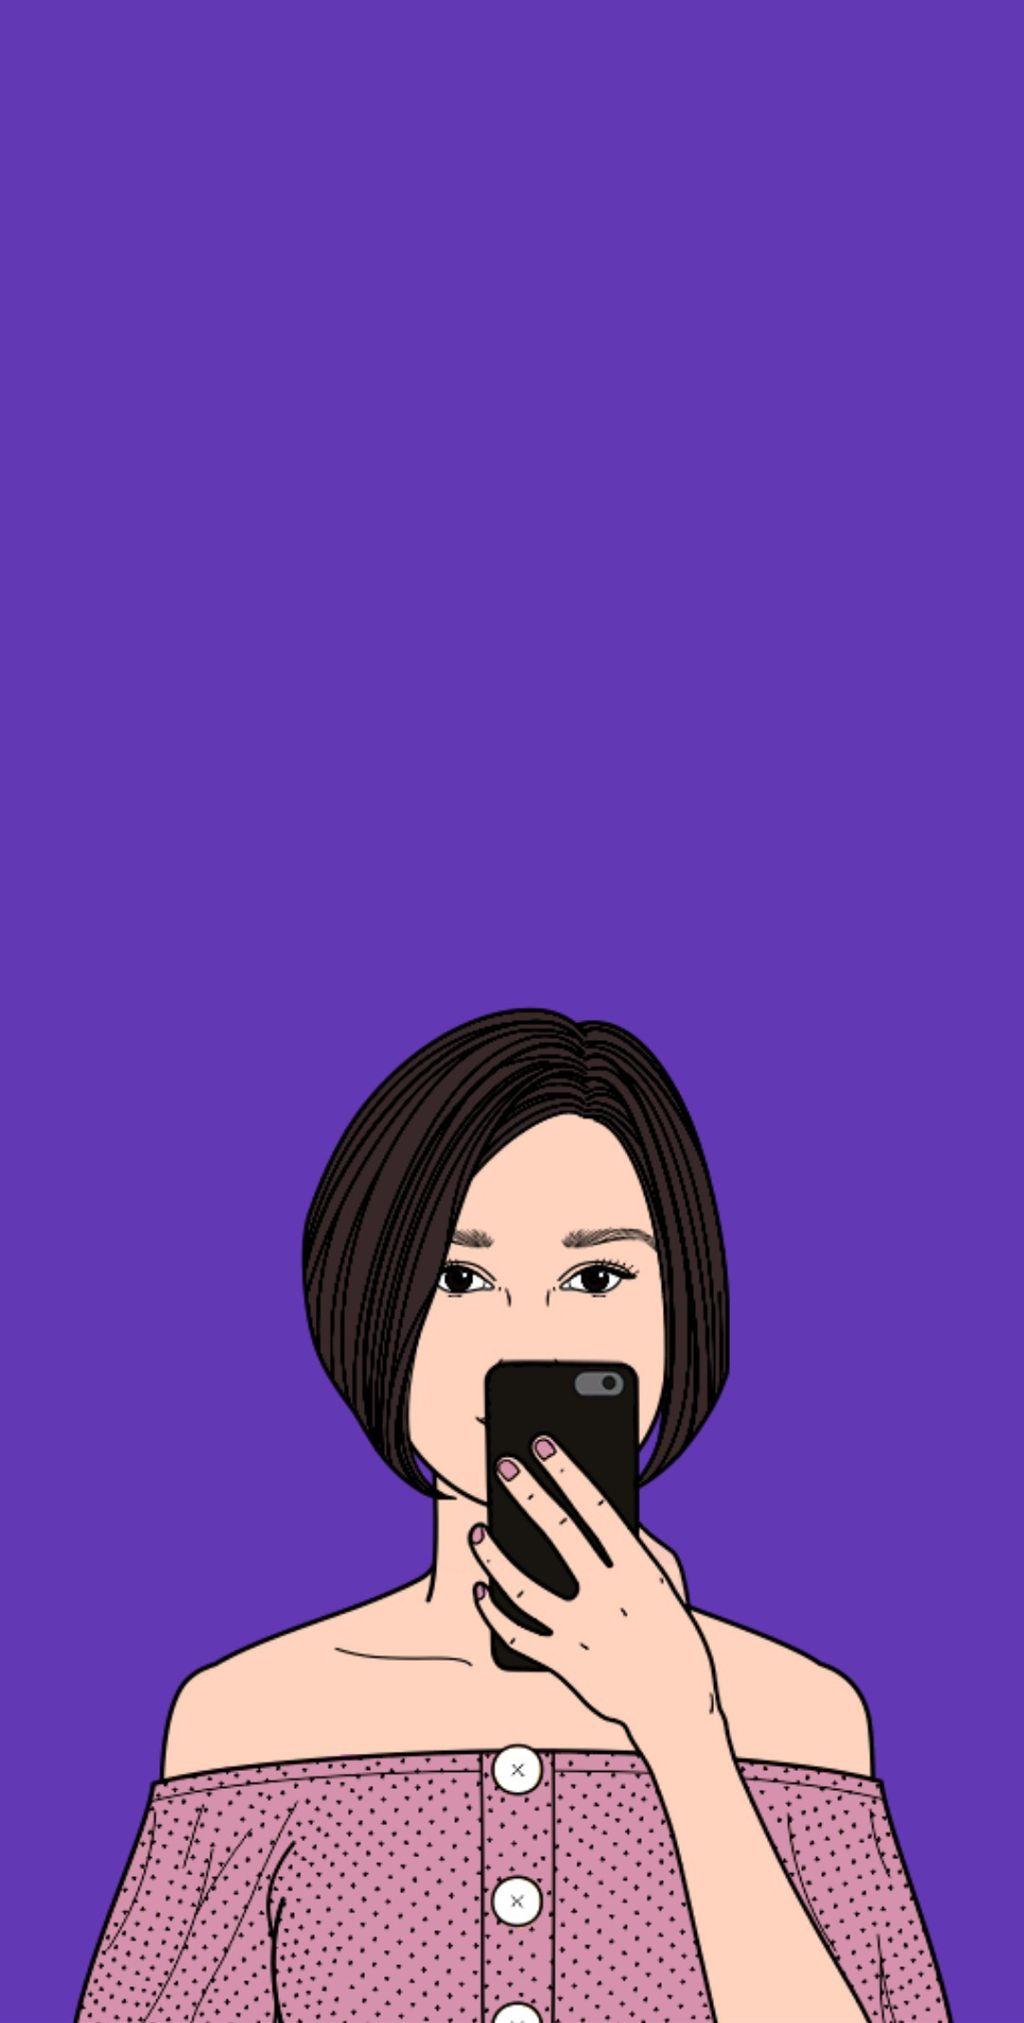 #wallpaper #girl #duvarkağıdı #kız #tumblr